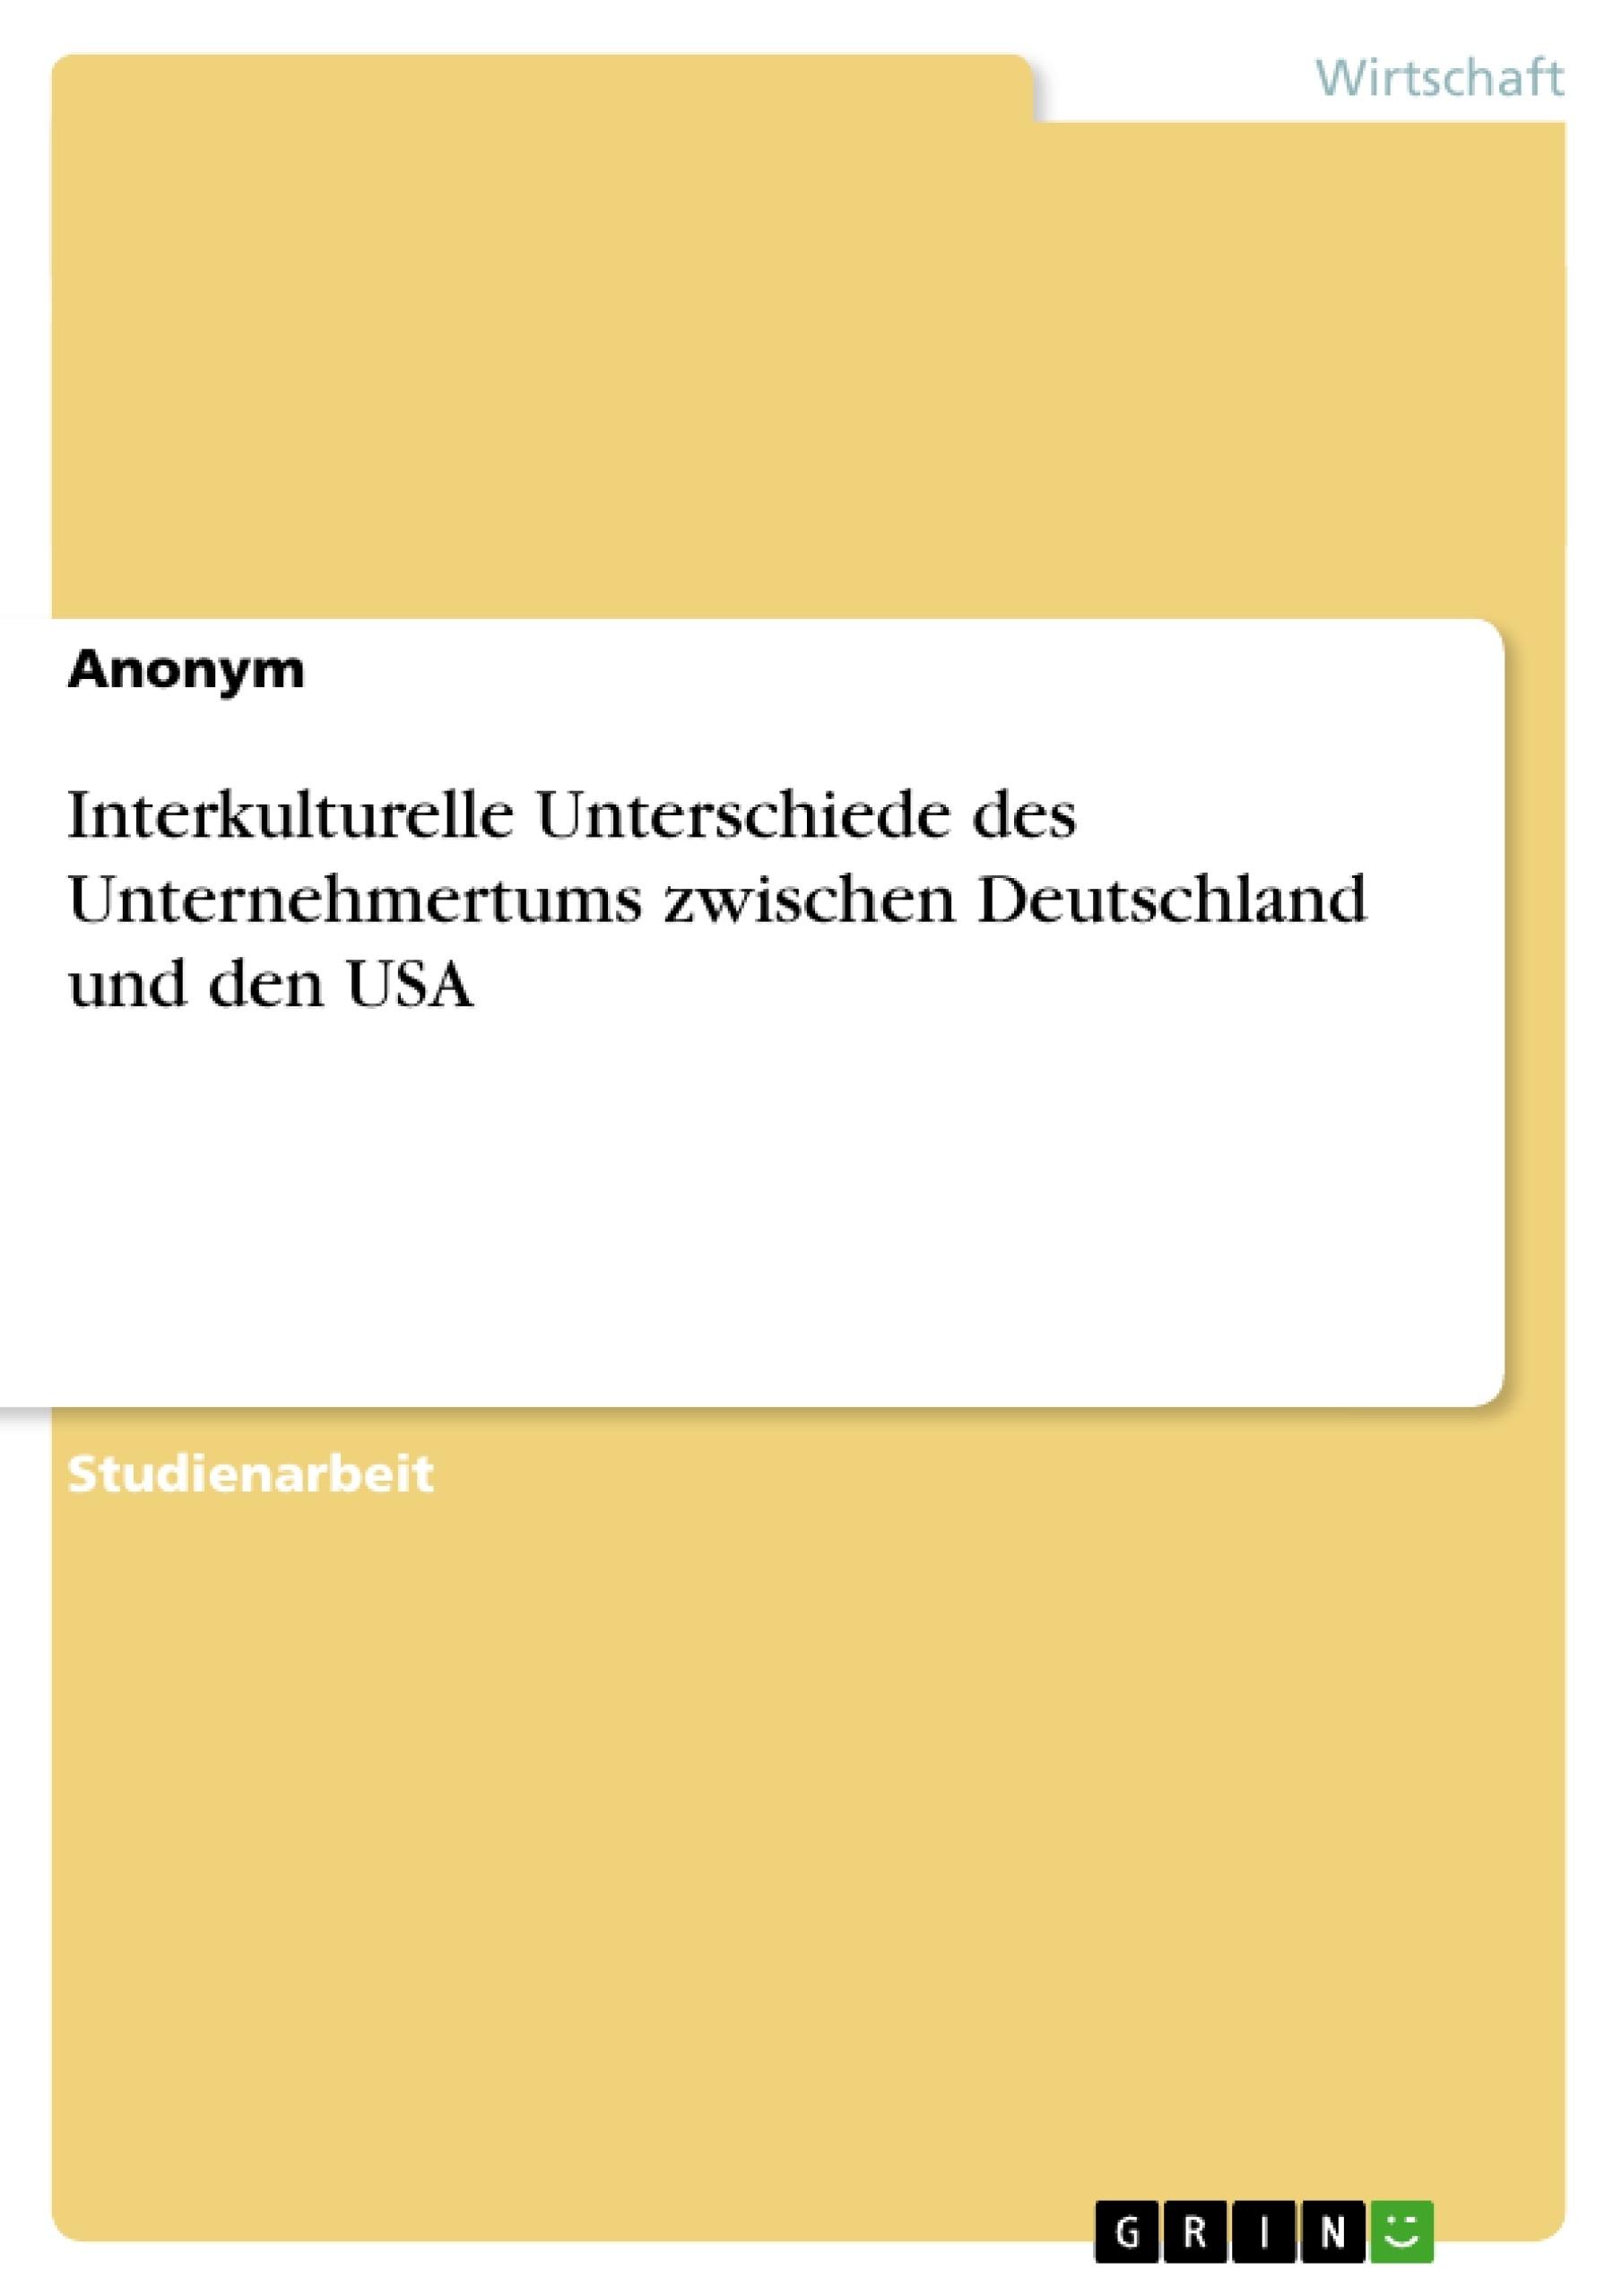 Titel: Interkulturelle Unterschiede des Unternehmertums zwischen Deutschland und den USA